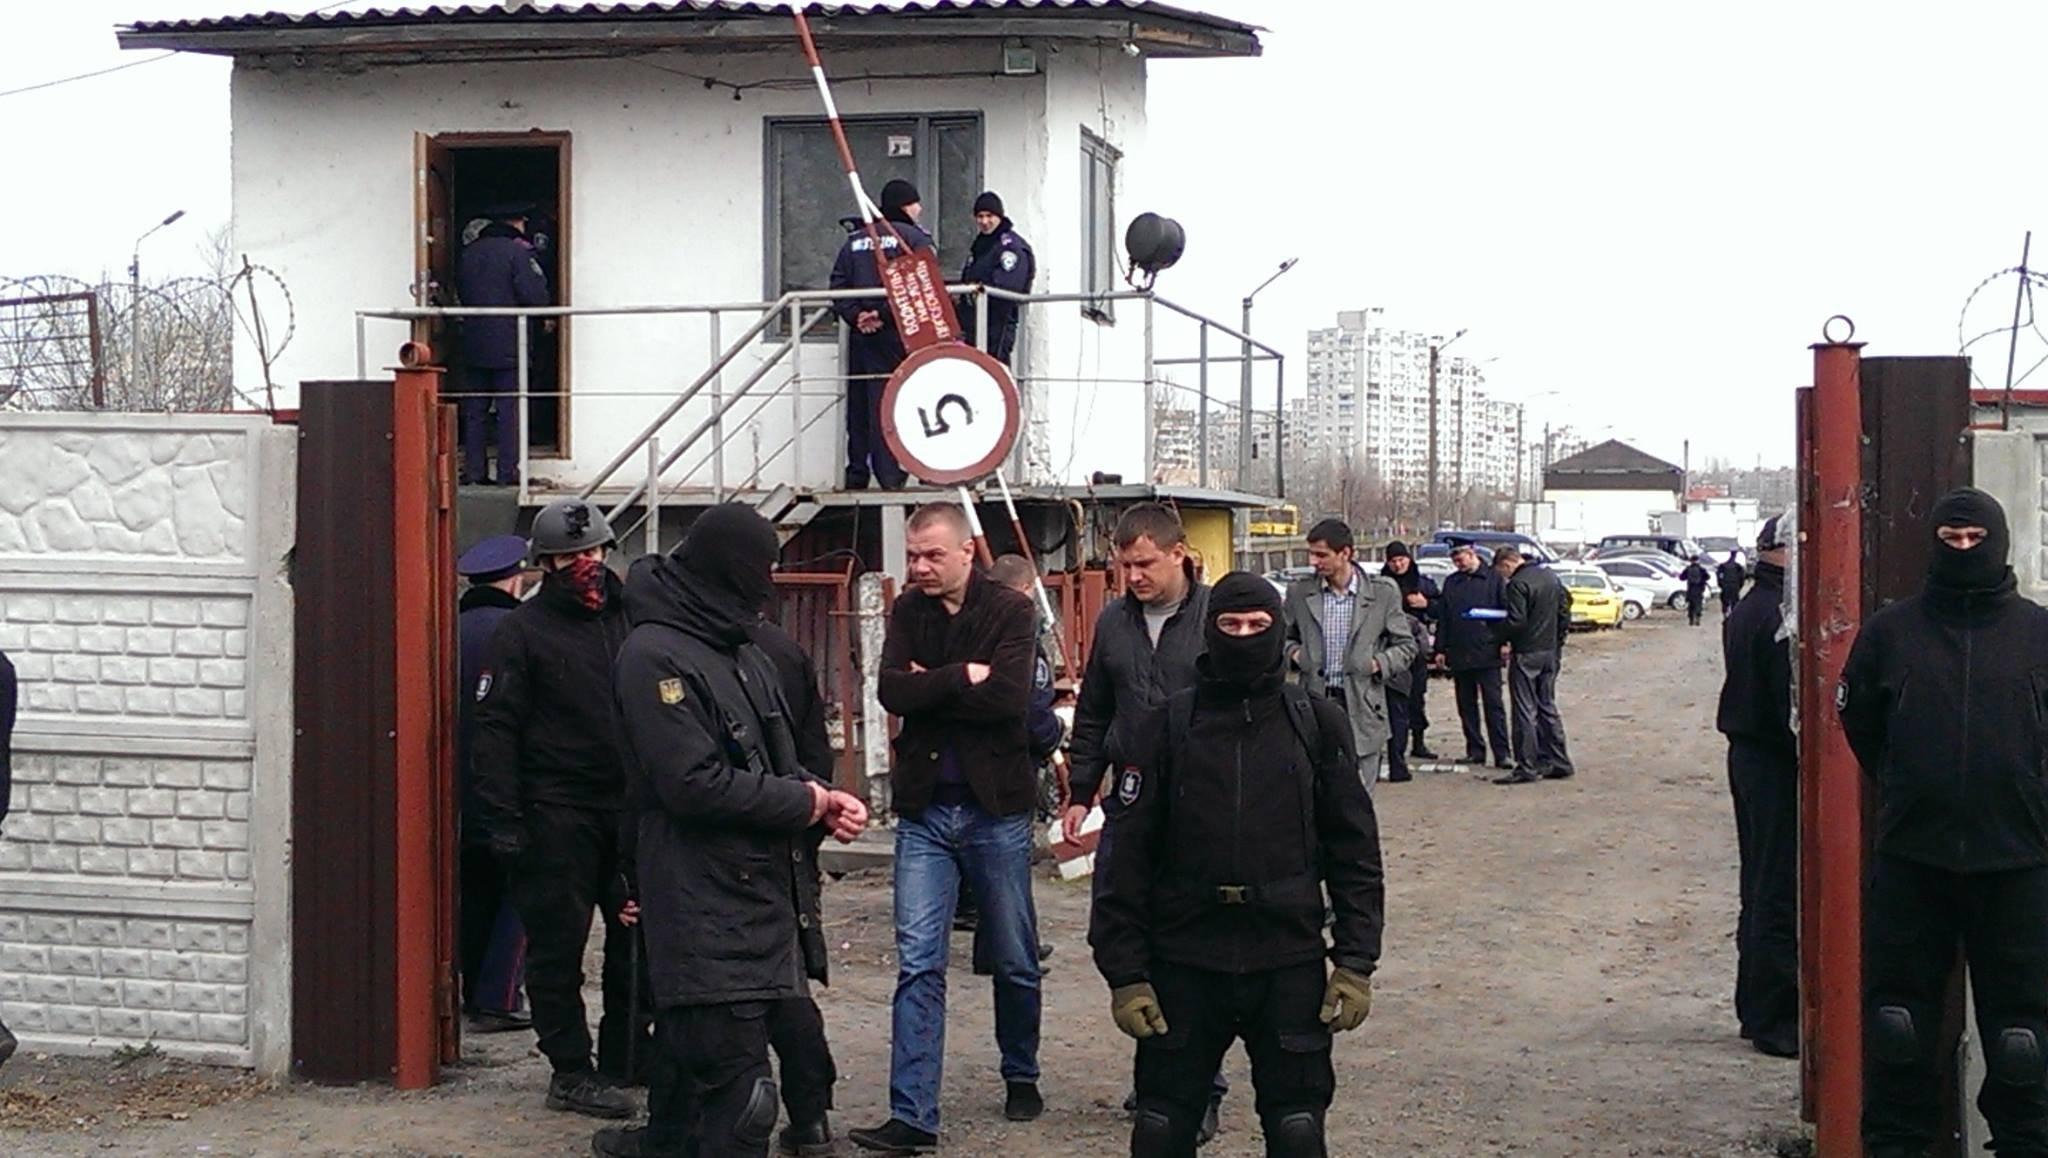 Игры в демократию кончились! Саакашвили катком проехался по Порошенко